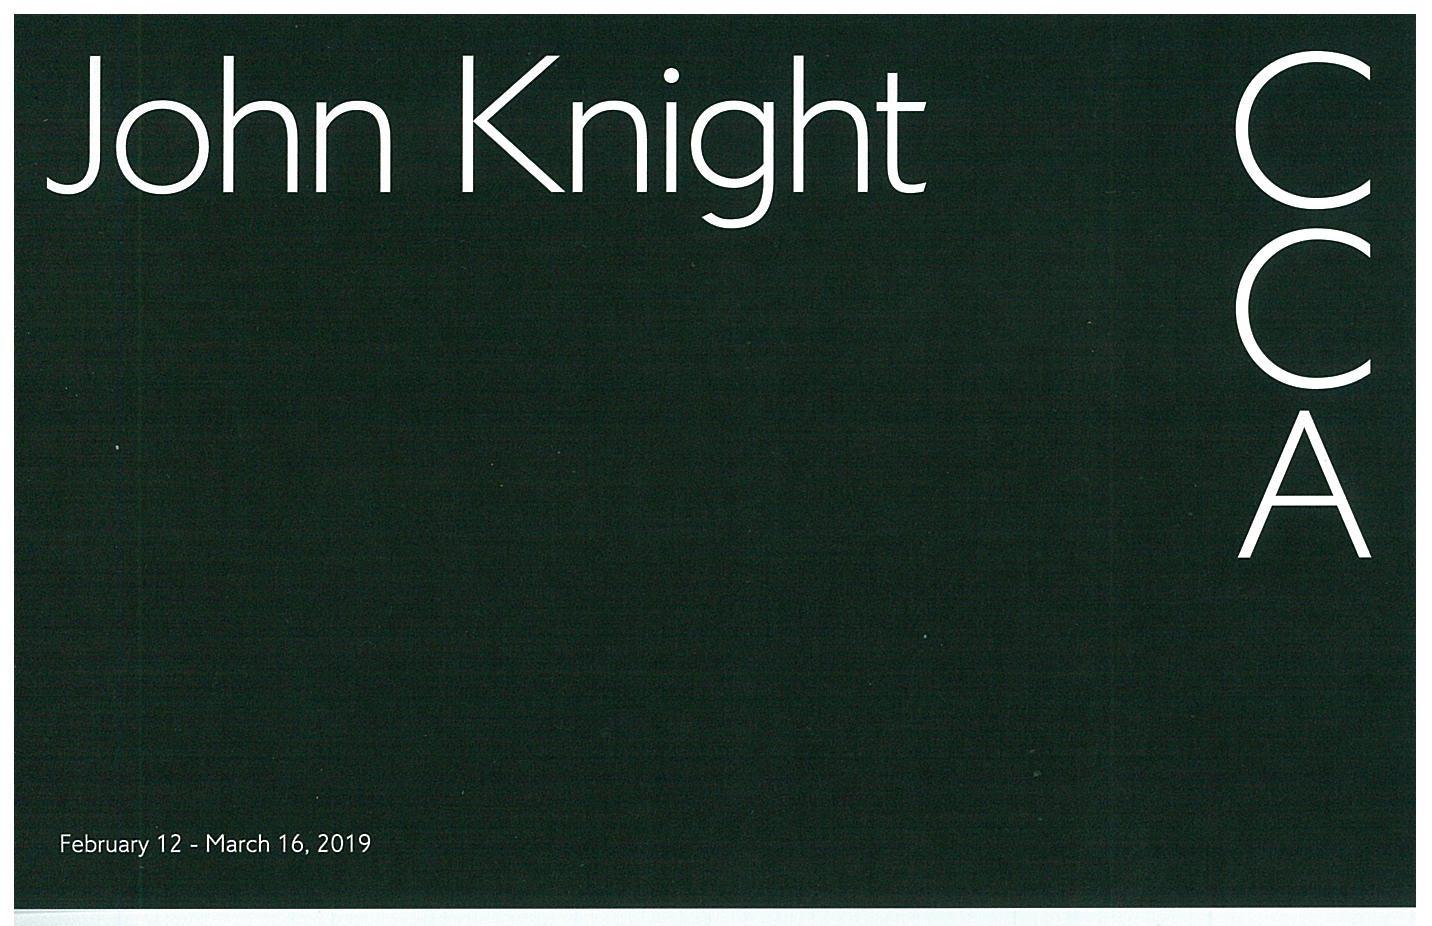 現代美術センターCCA北九州「ジョン・ナイト展」